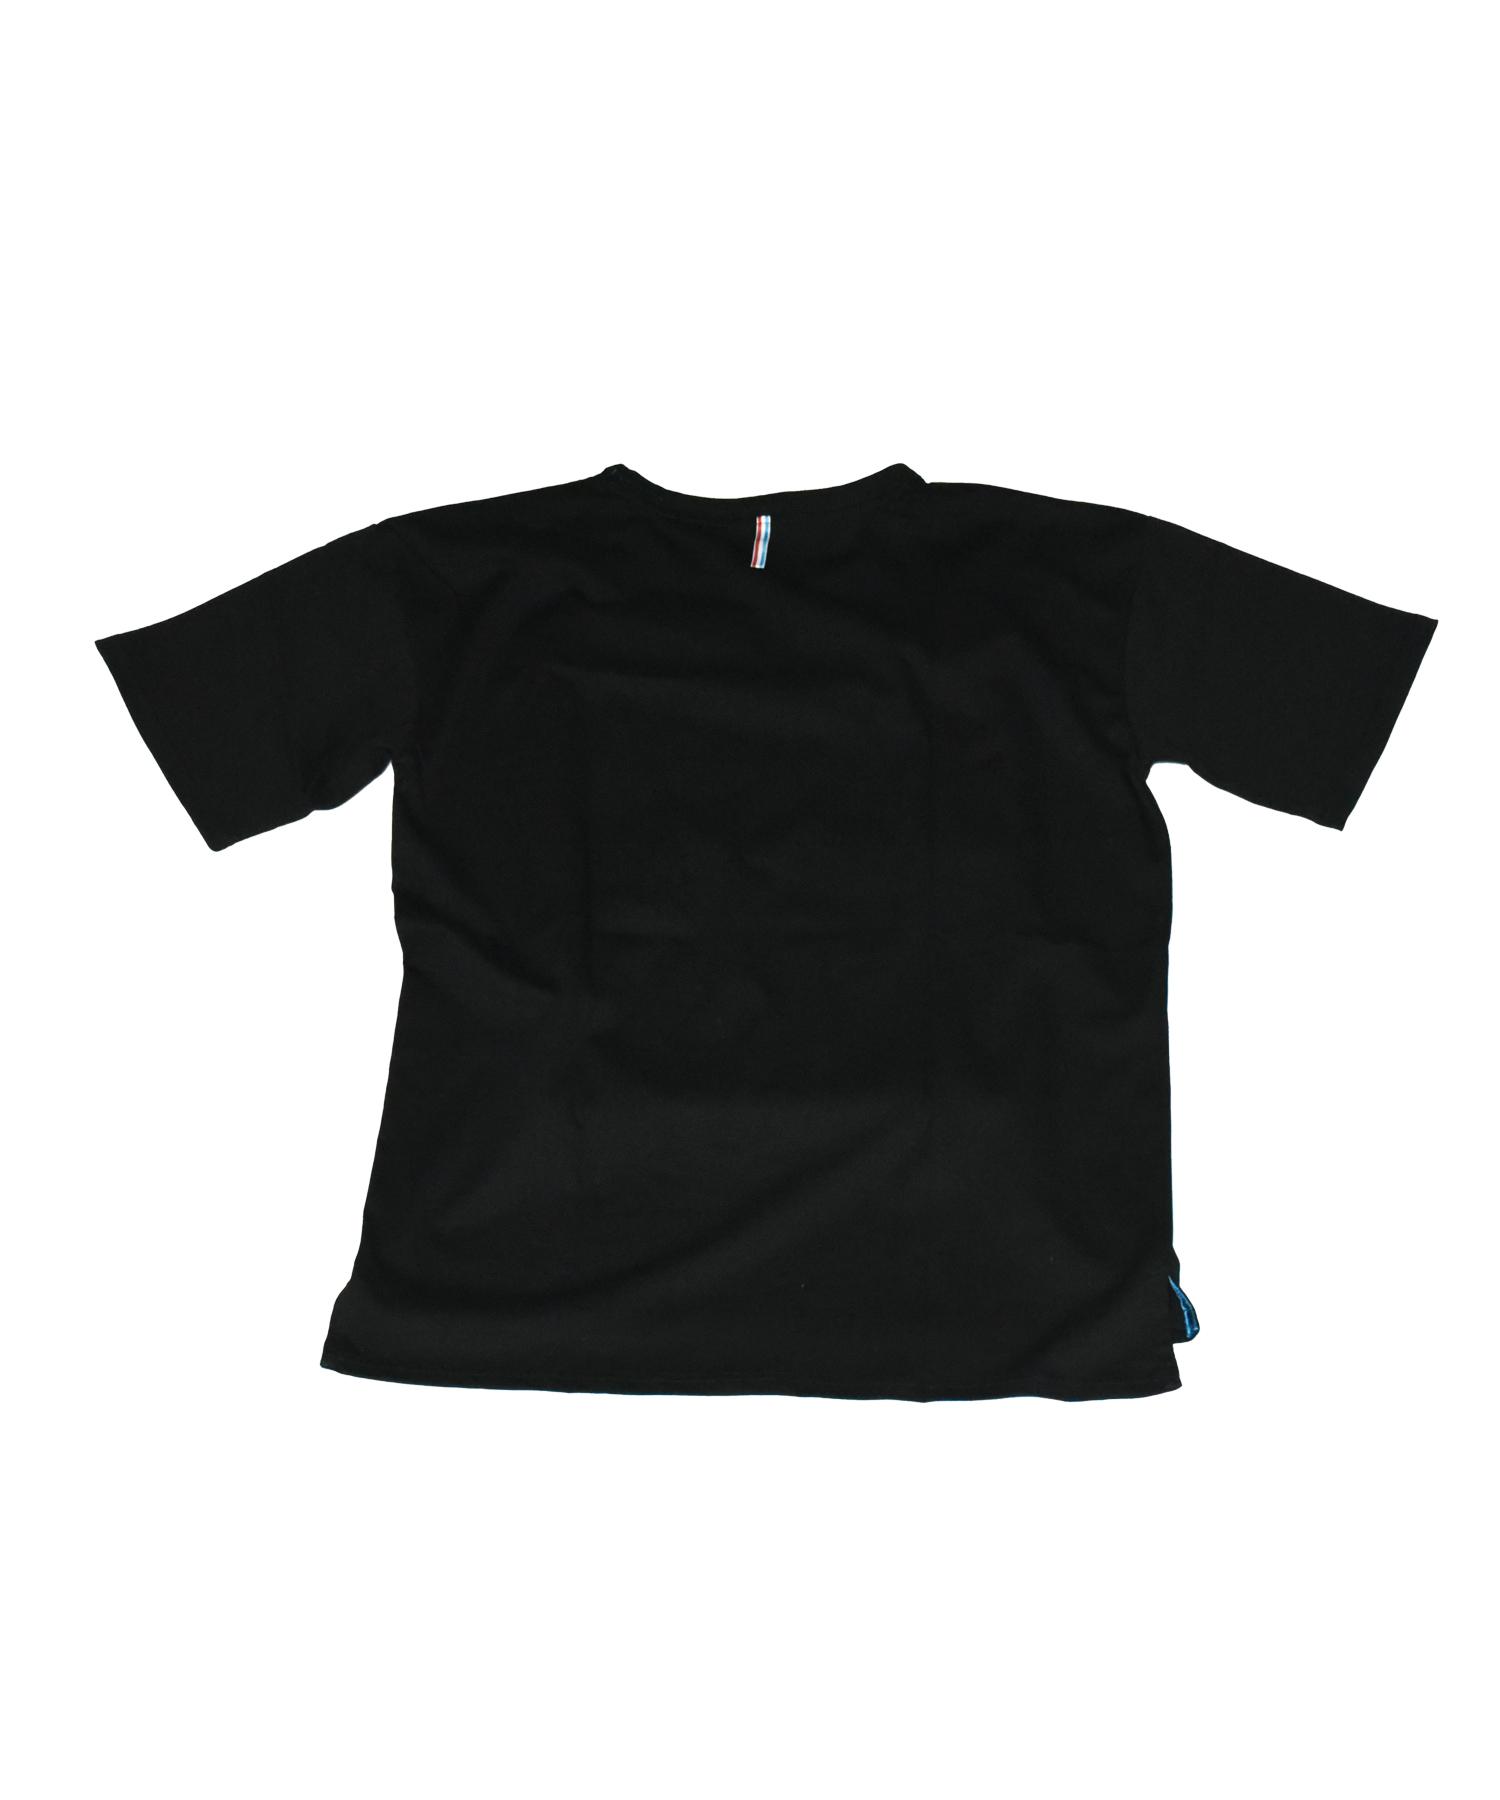 バッファロー T-シャツ06